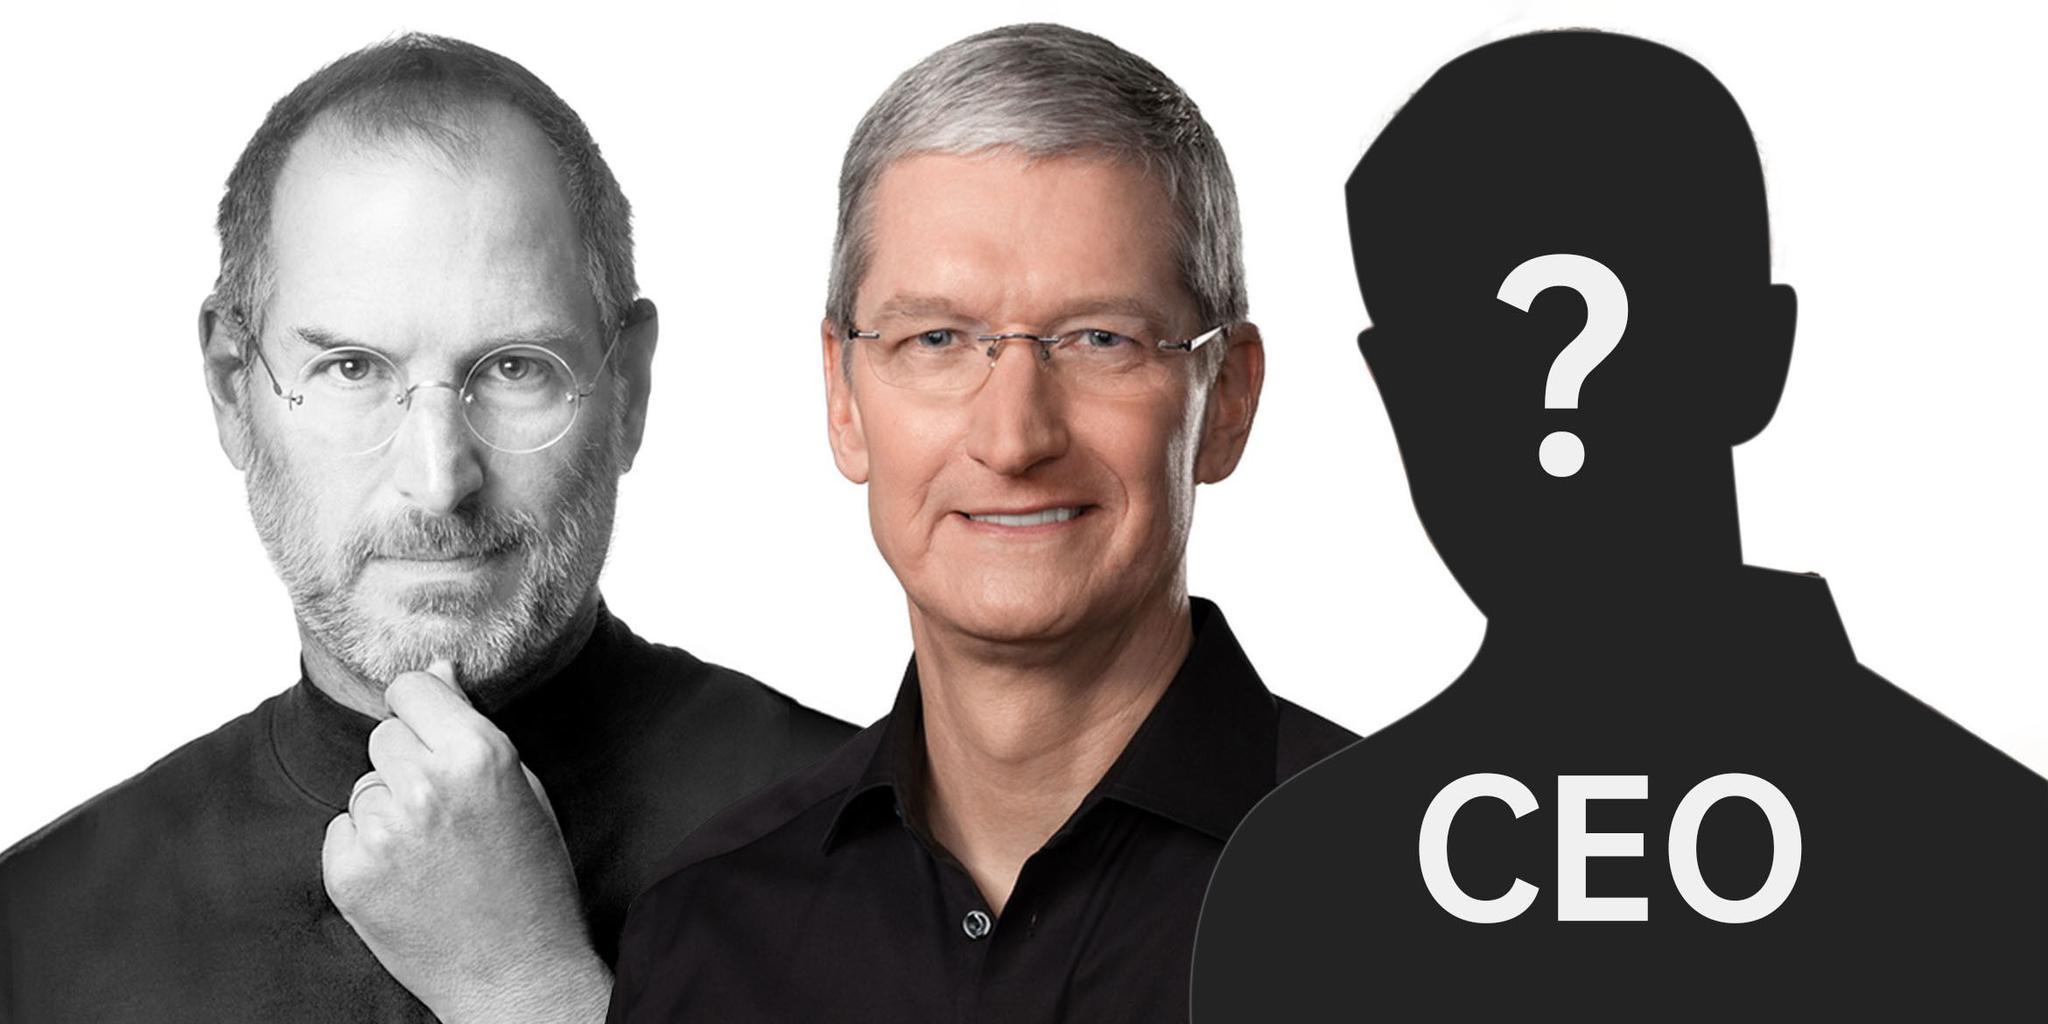 苹果的接班人是第二个库克 or 第二个乔布斯?